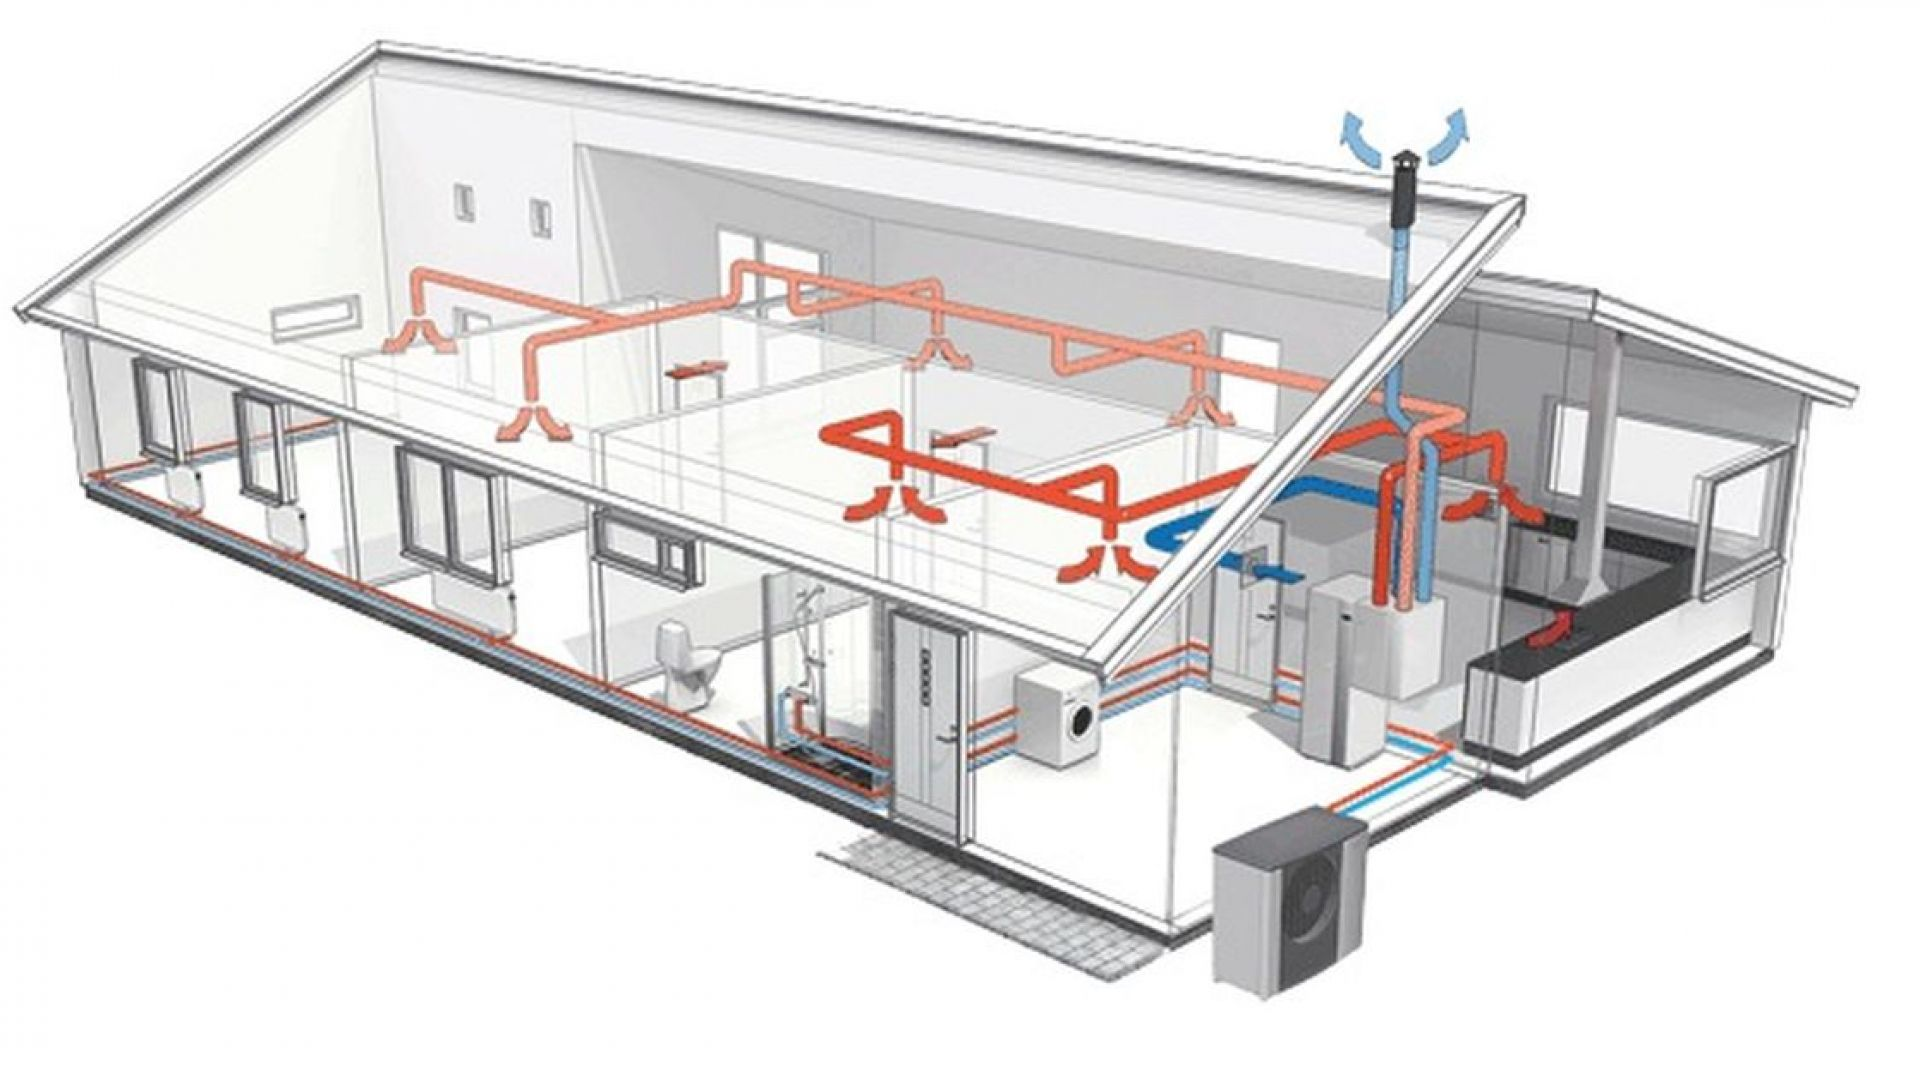 Schemat działania rekuperatora NIBE ERS z powietrznymi pompami ciepła NIBE.